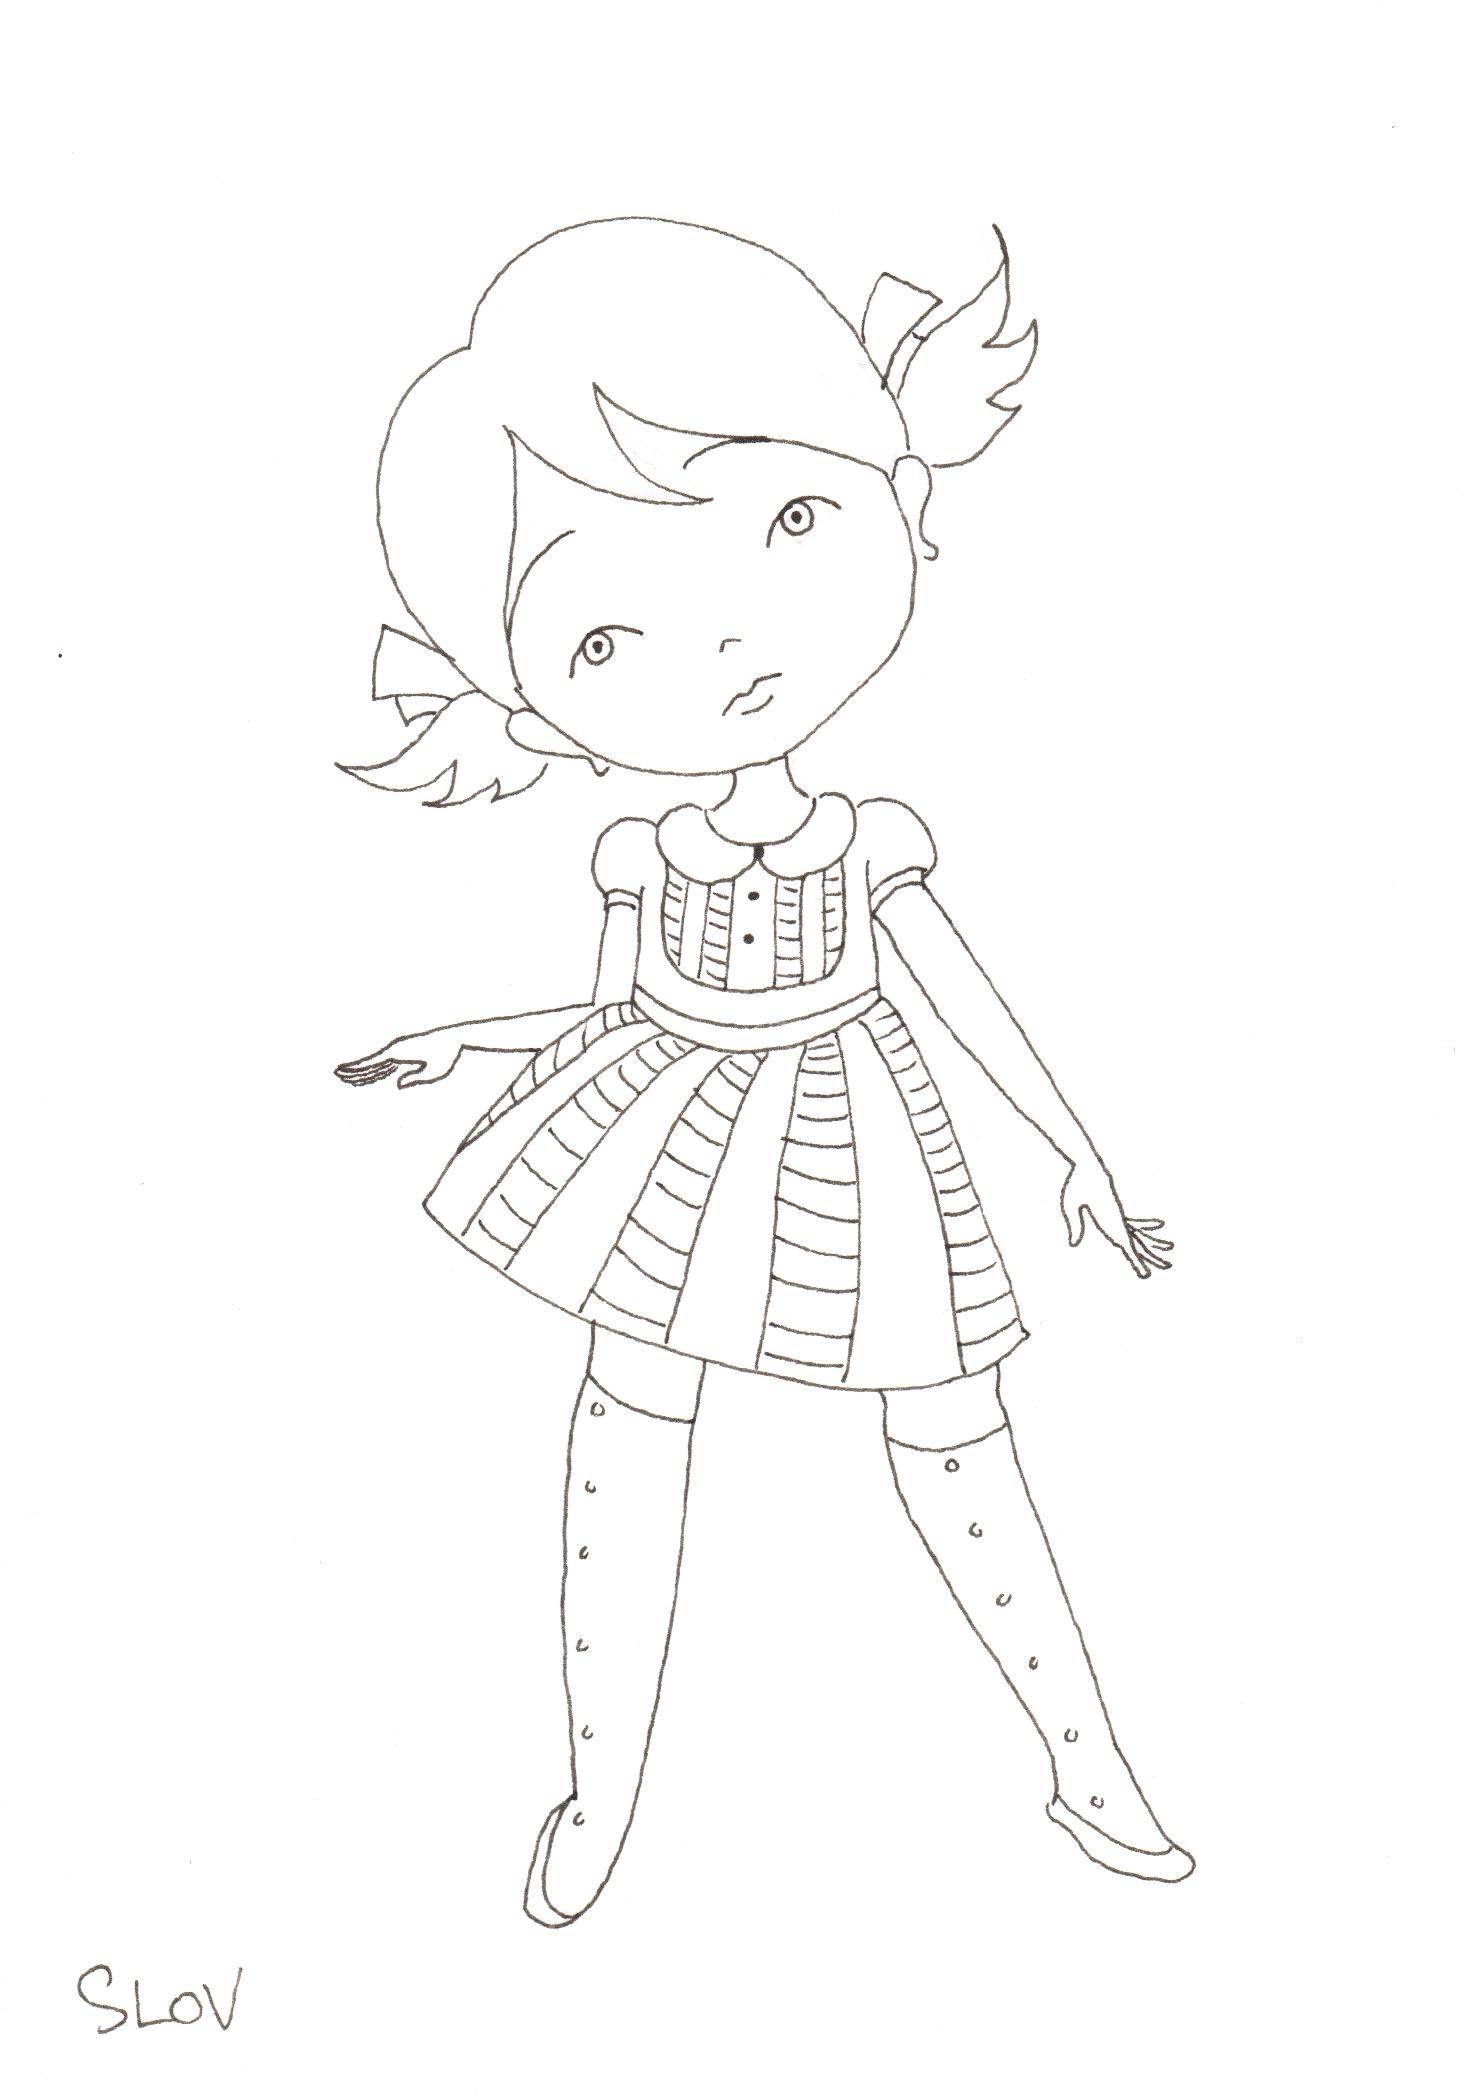 im - Sketch Images For Kids